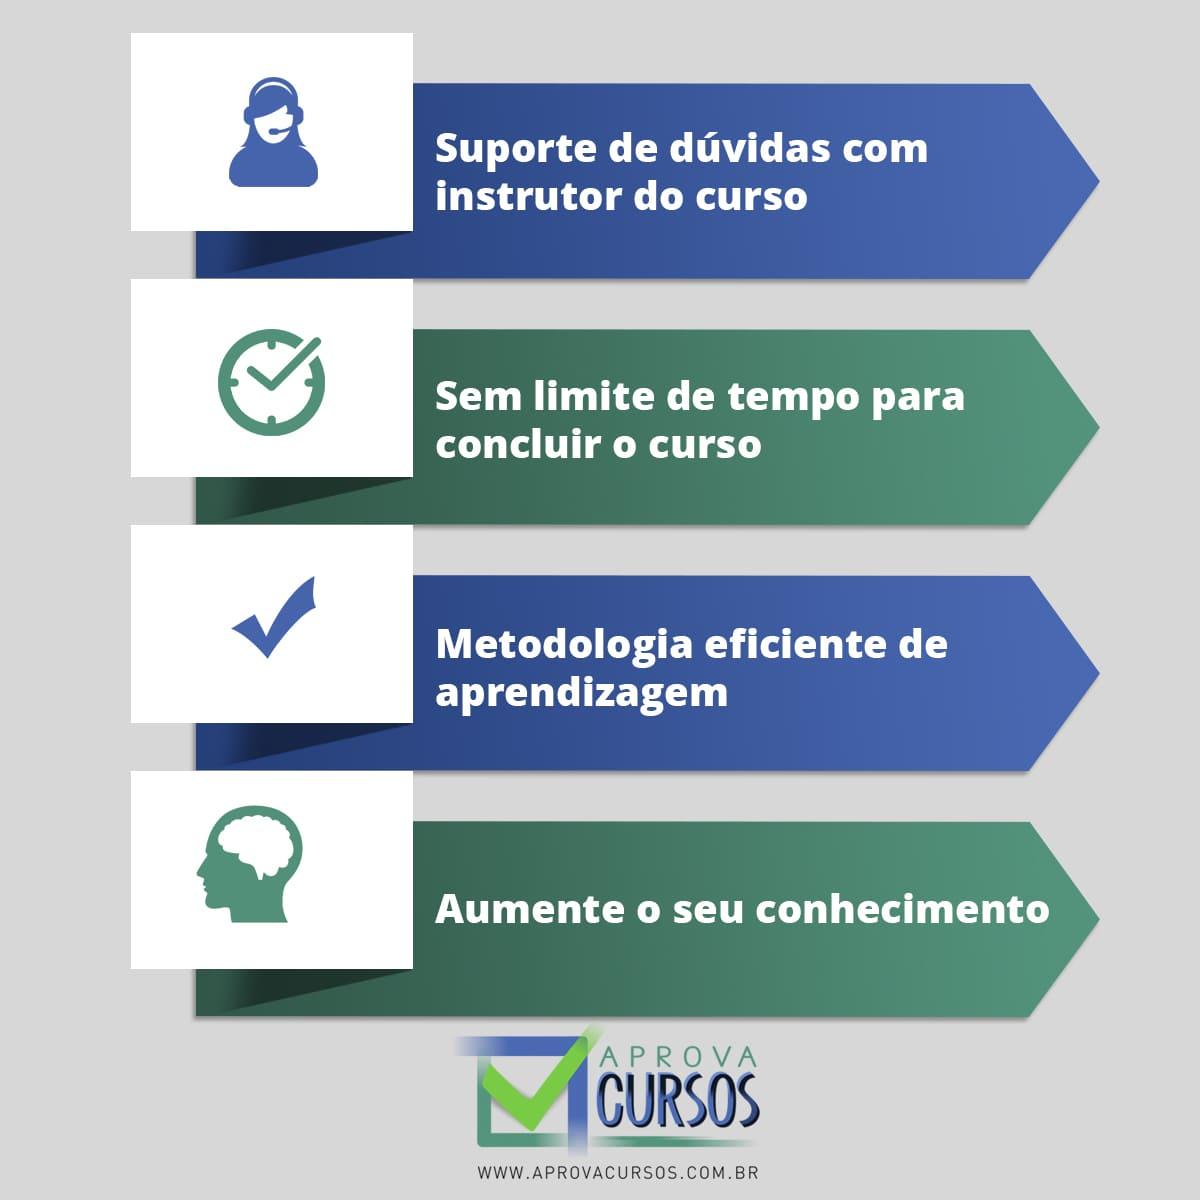 Curso Online de Recrutamento e Seleção de Pessoas com Certificado  - Aprova Cursos